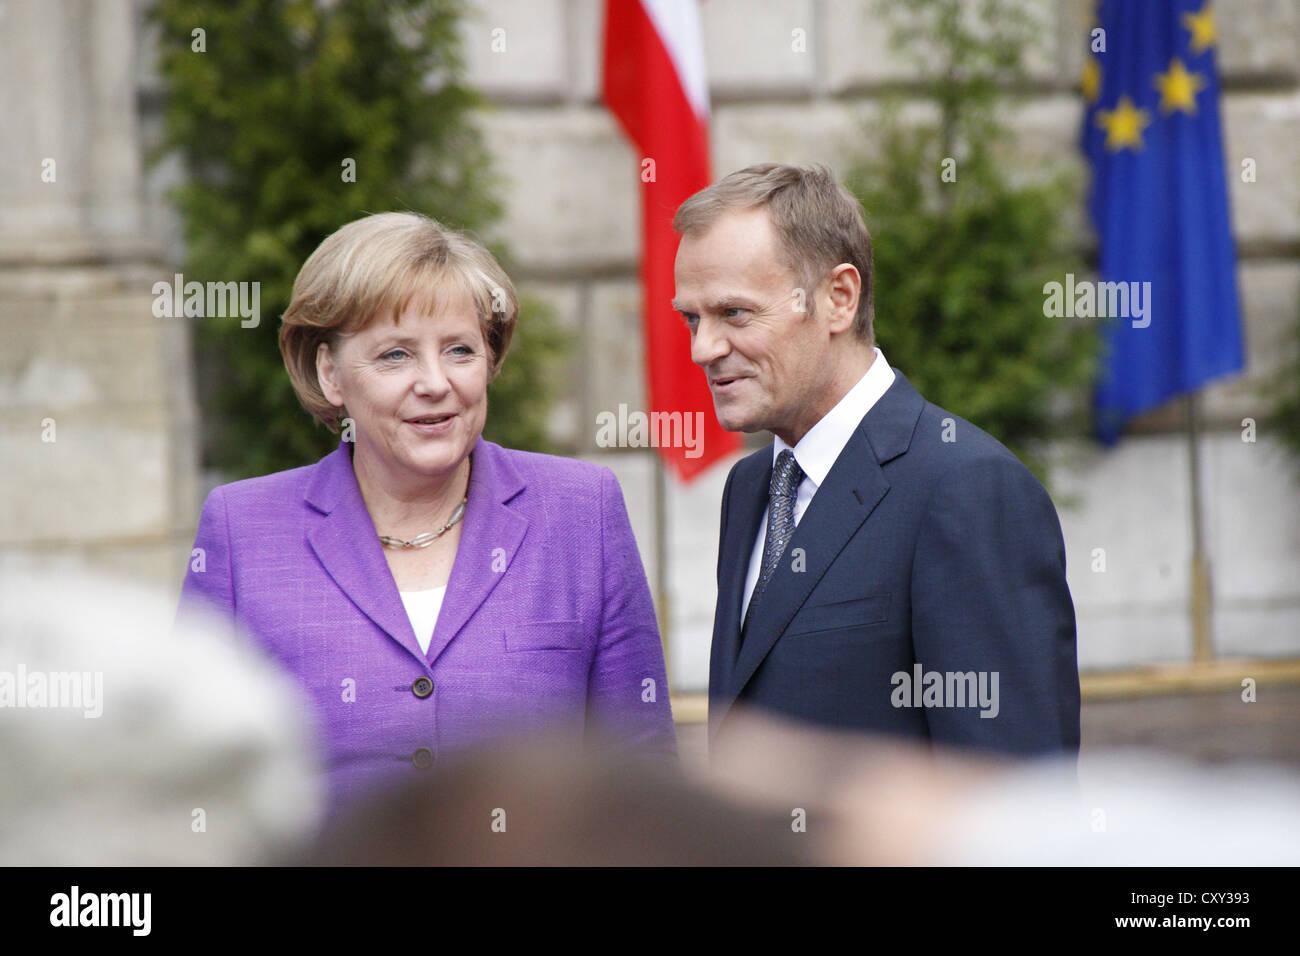 Angela Merkel et Donald Tusk, au cours du 20ème anniversaire de la chute du communisme, 04/06/2009, à Photo Stock